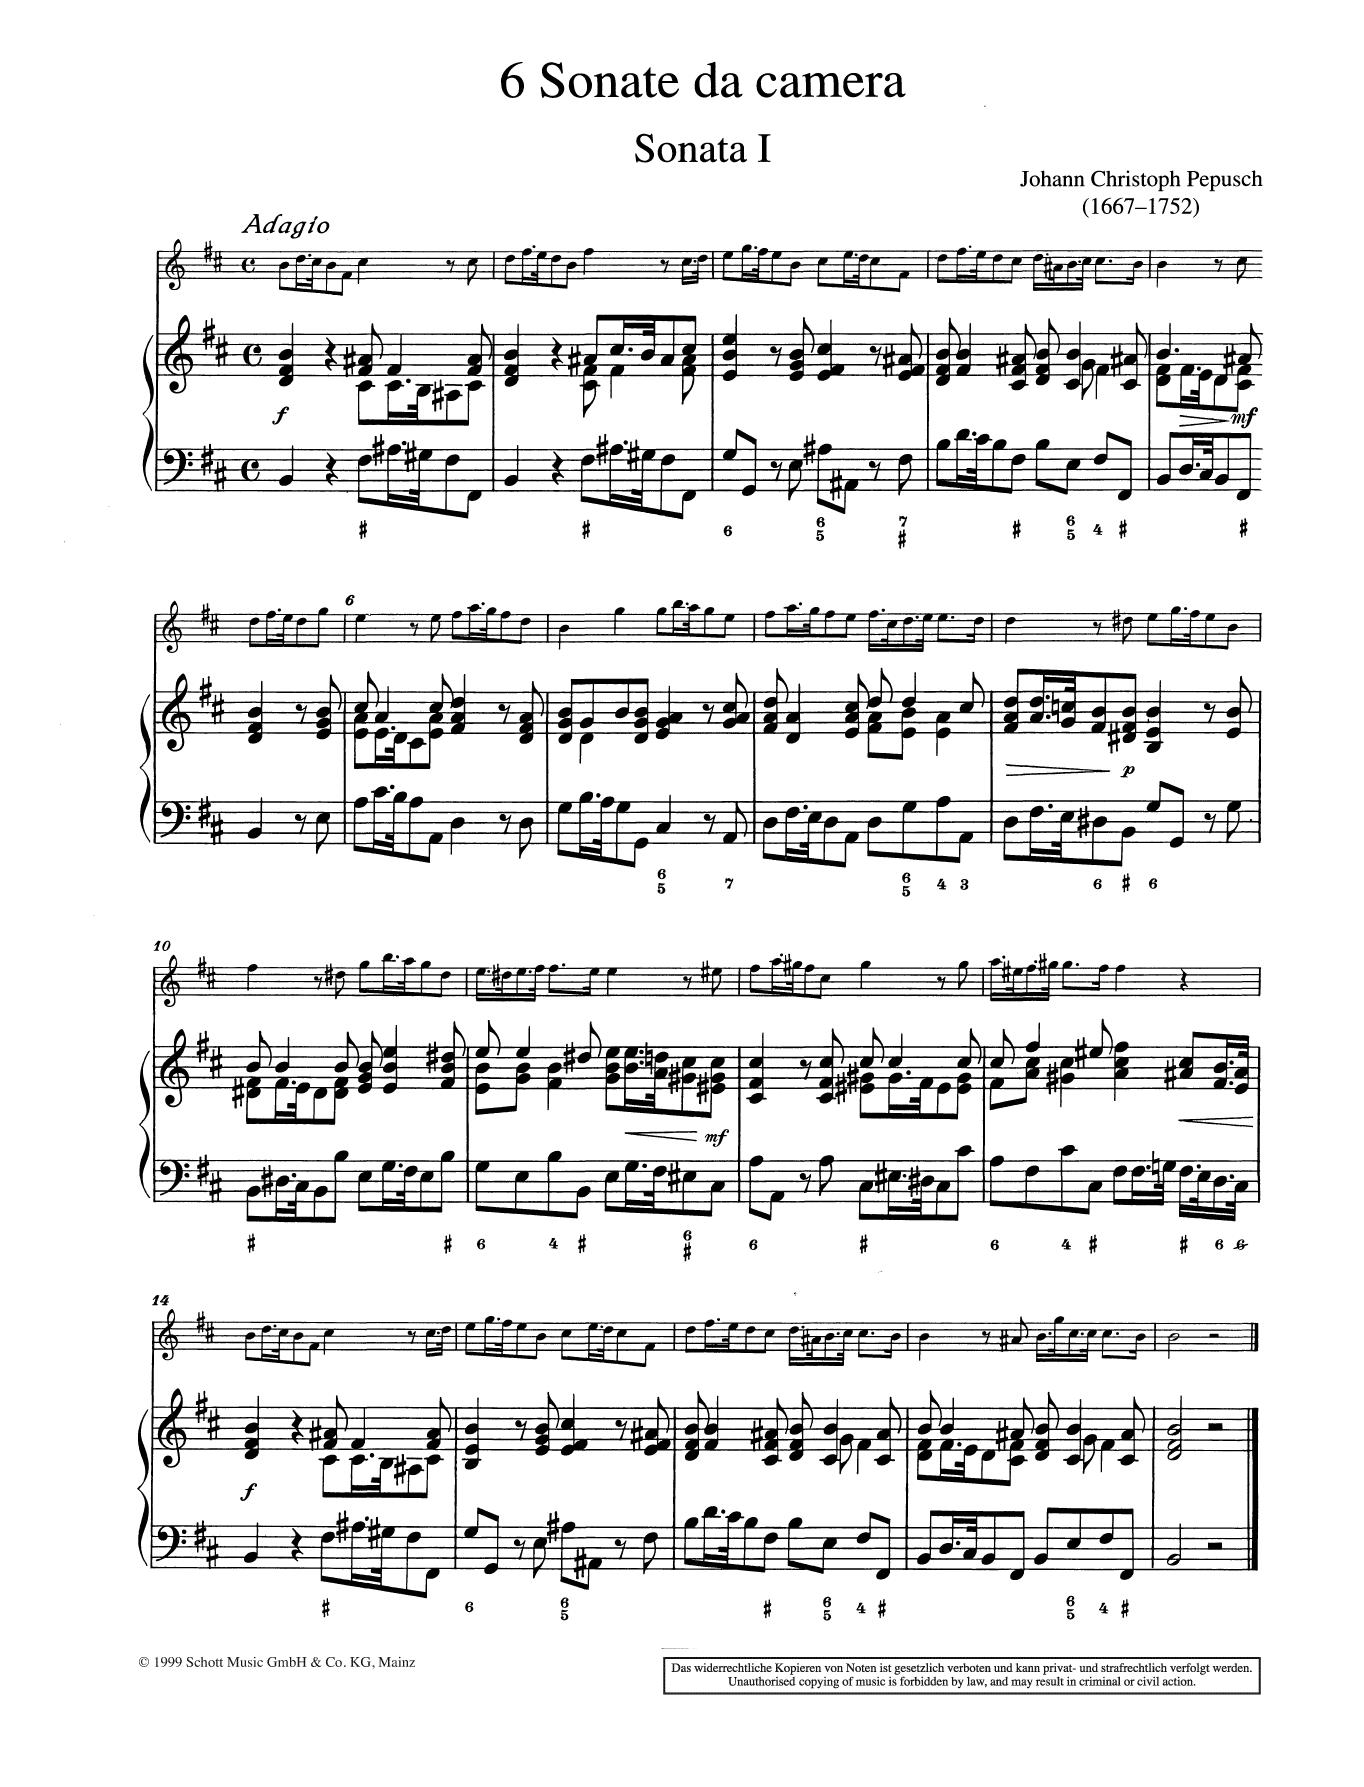 Sonata No. 1 Sheet Music